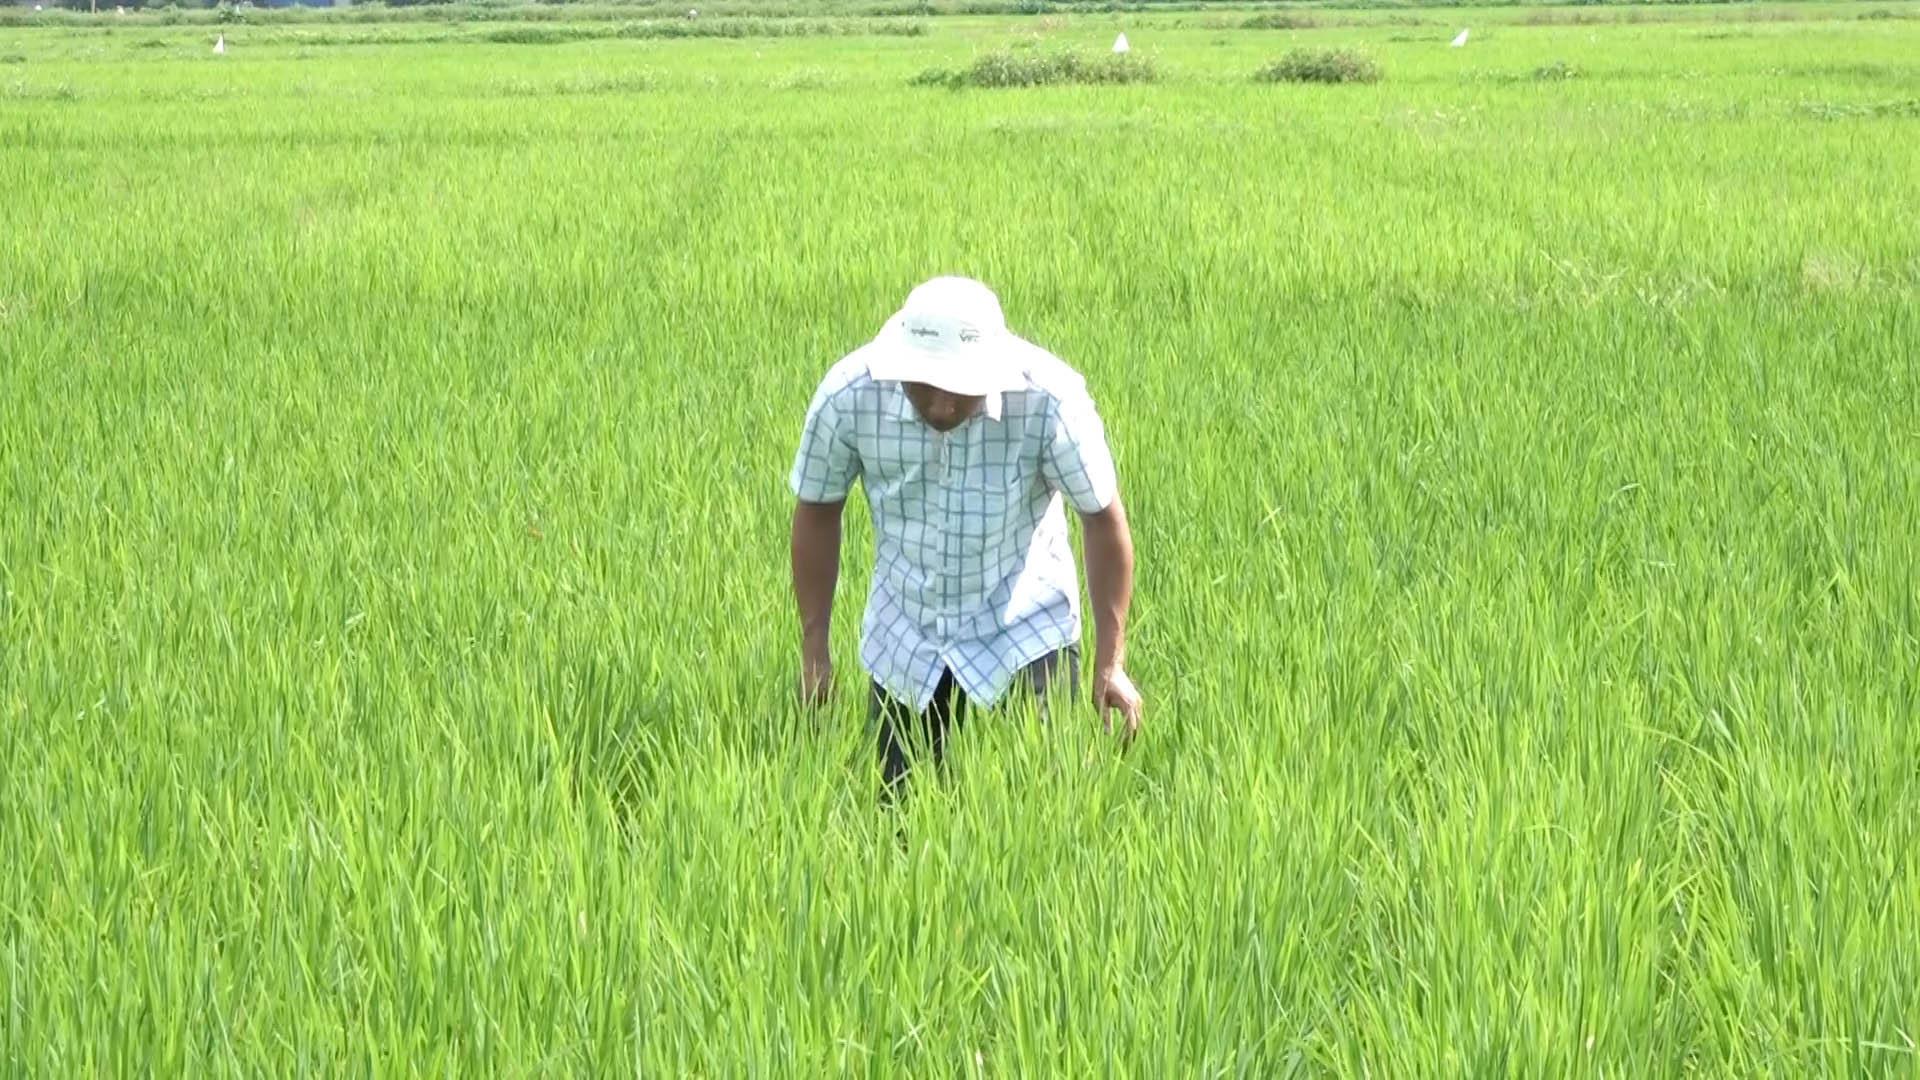 ĐBSH xuất hiện dịch bệnh hại trên lúa, Cục BVTV yêu cầu các tỉnh tập trung bảo vệ 840.000ha lúa - Ảnh 3.